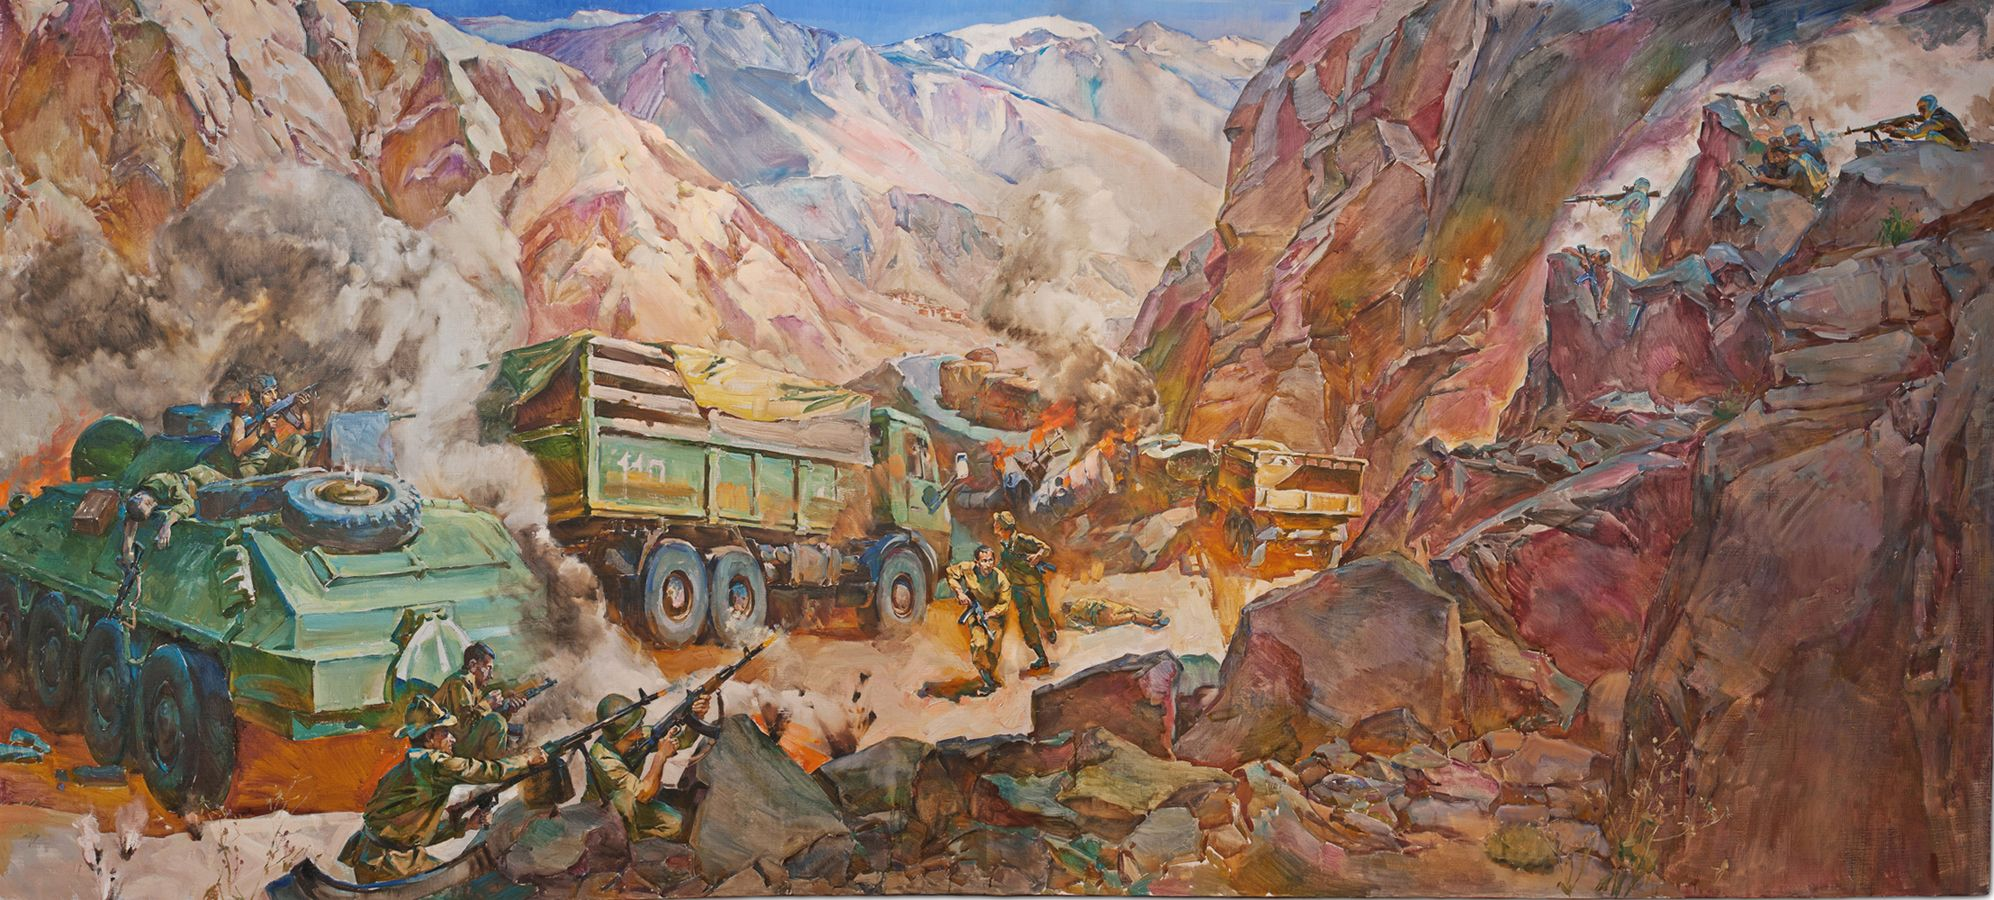 картинки по афганской теме последней